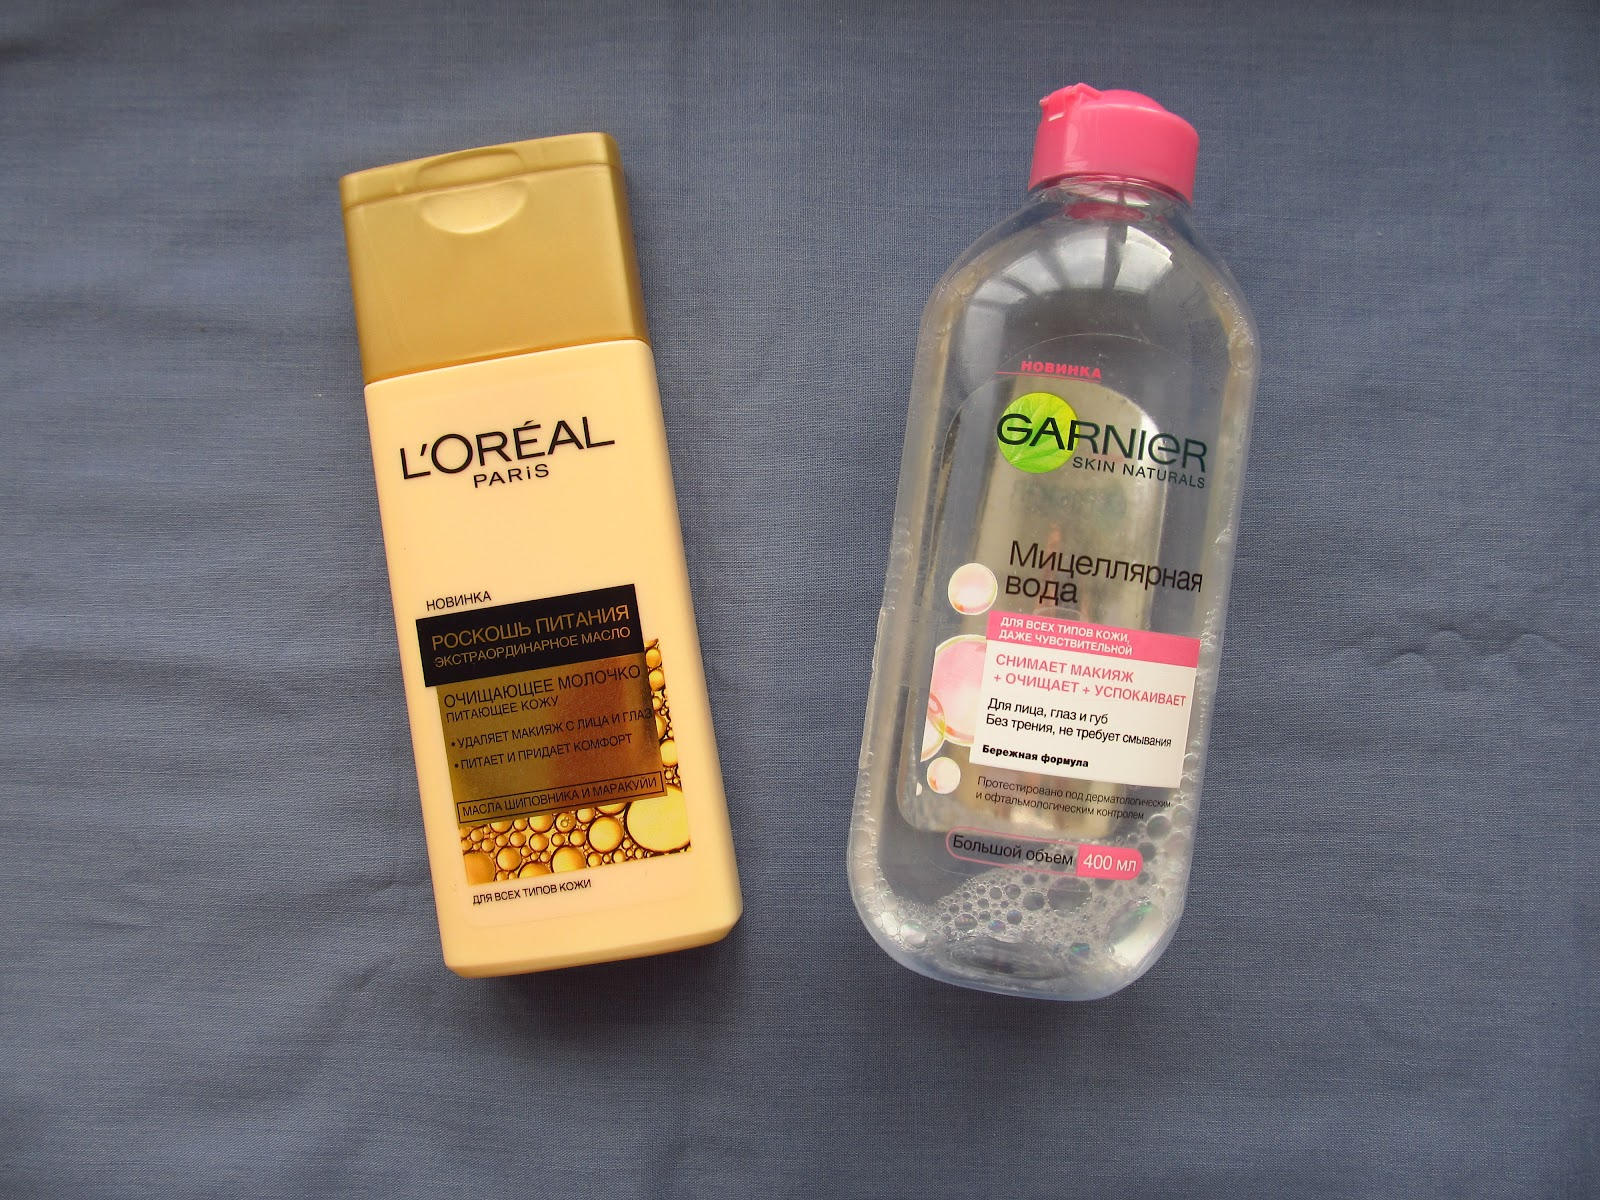 порівняння молочка для зняття макіяжу L'Oreal та міцелярної води Garnier